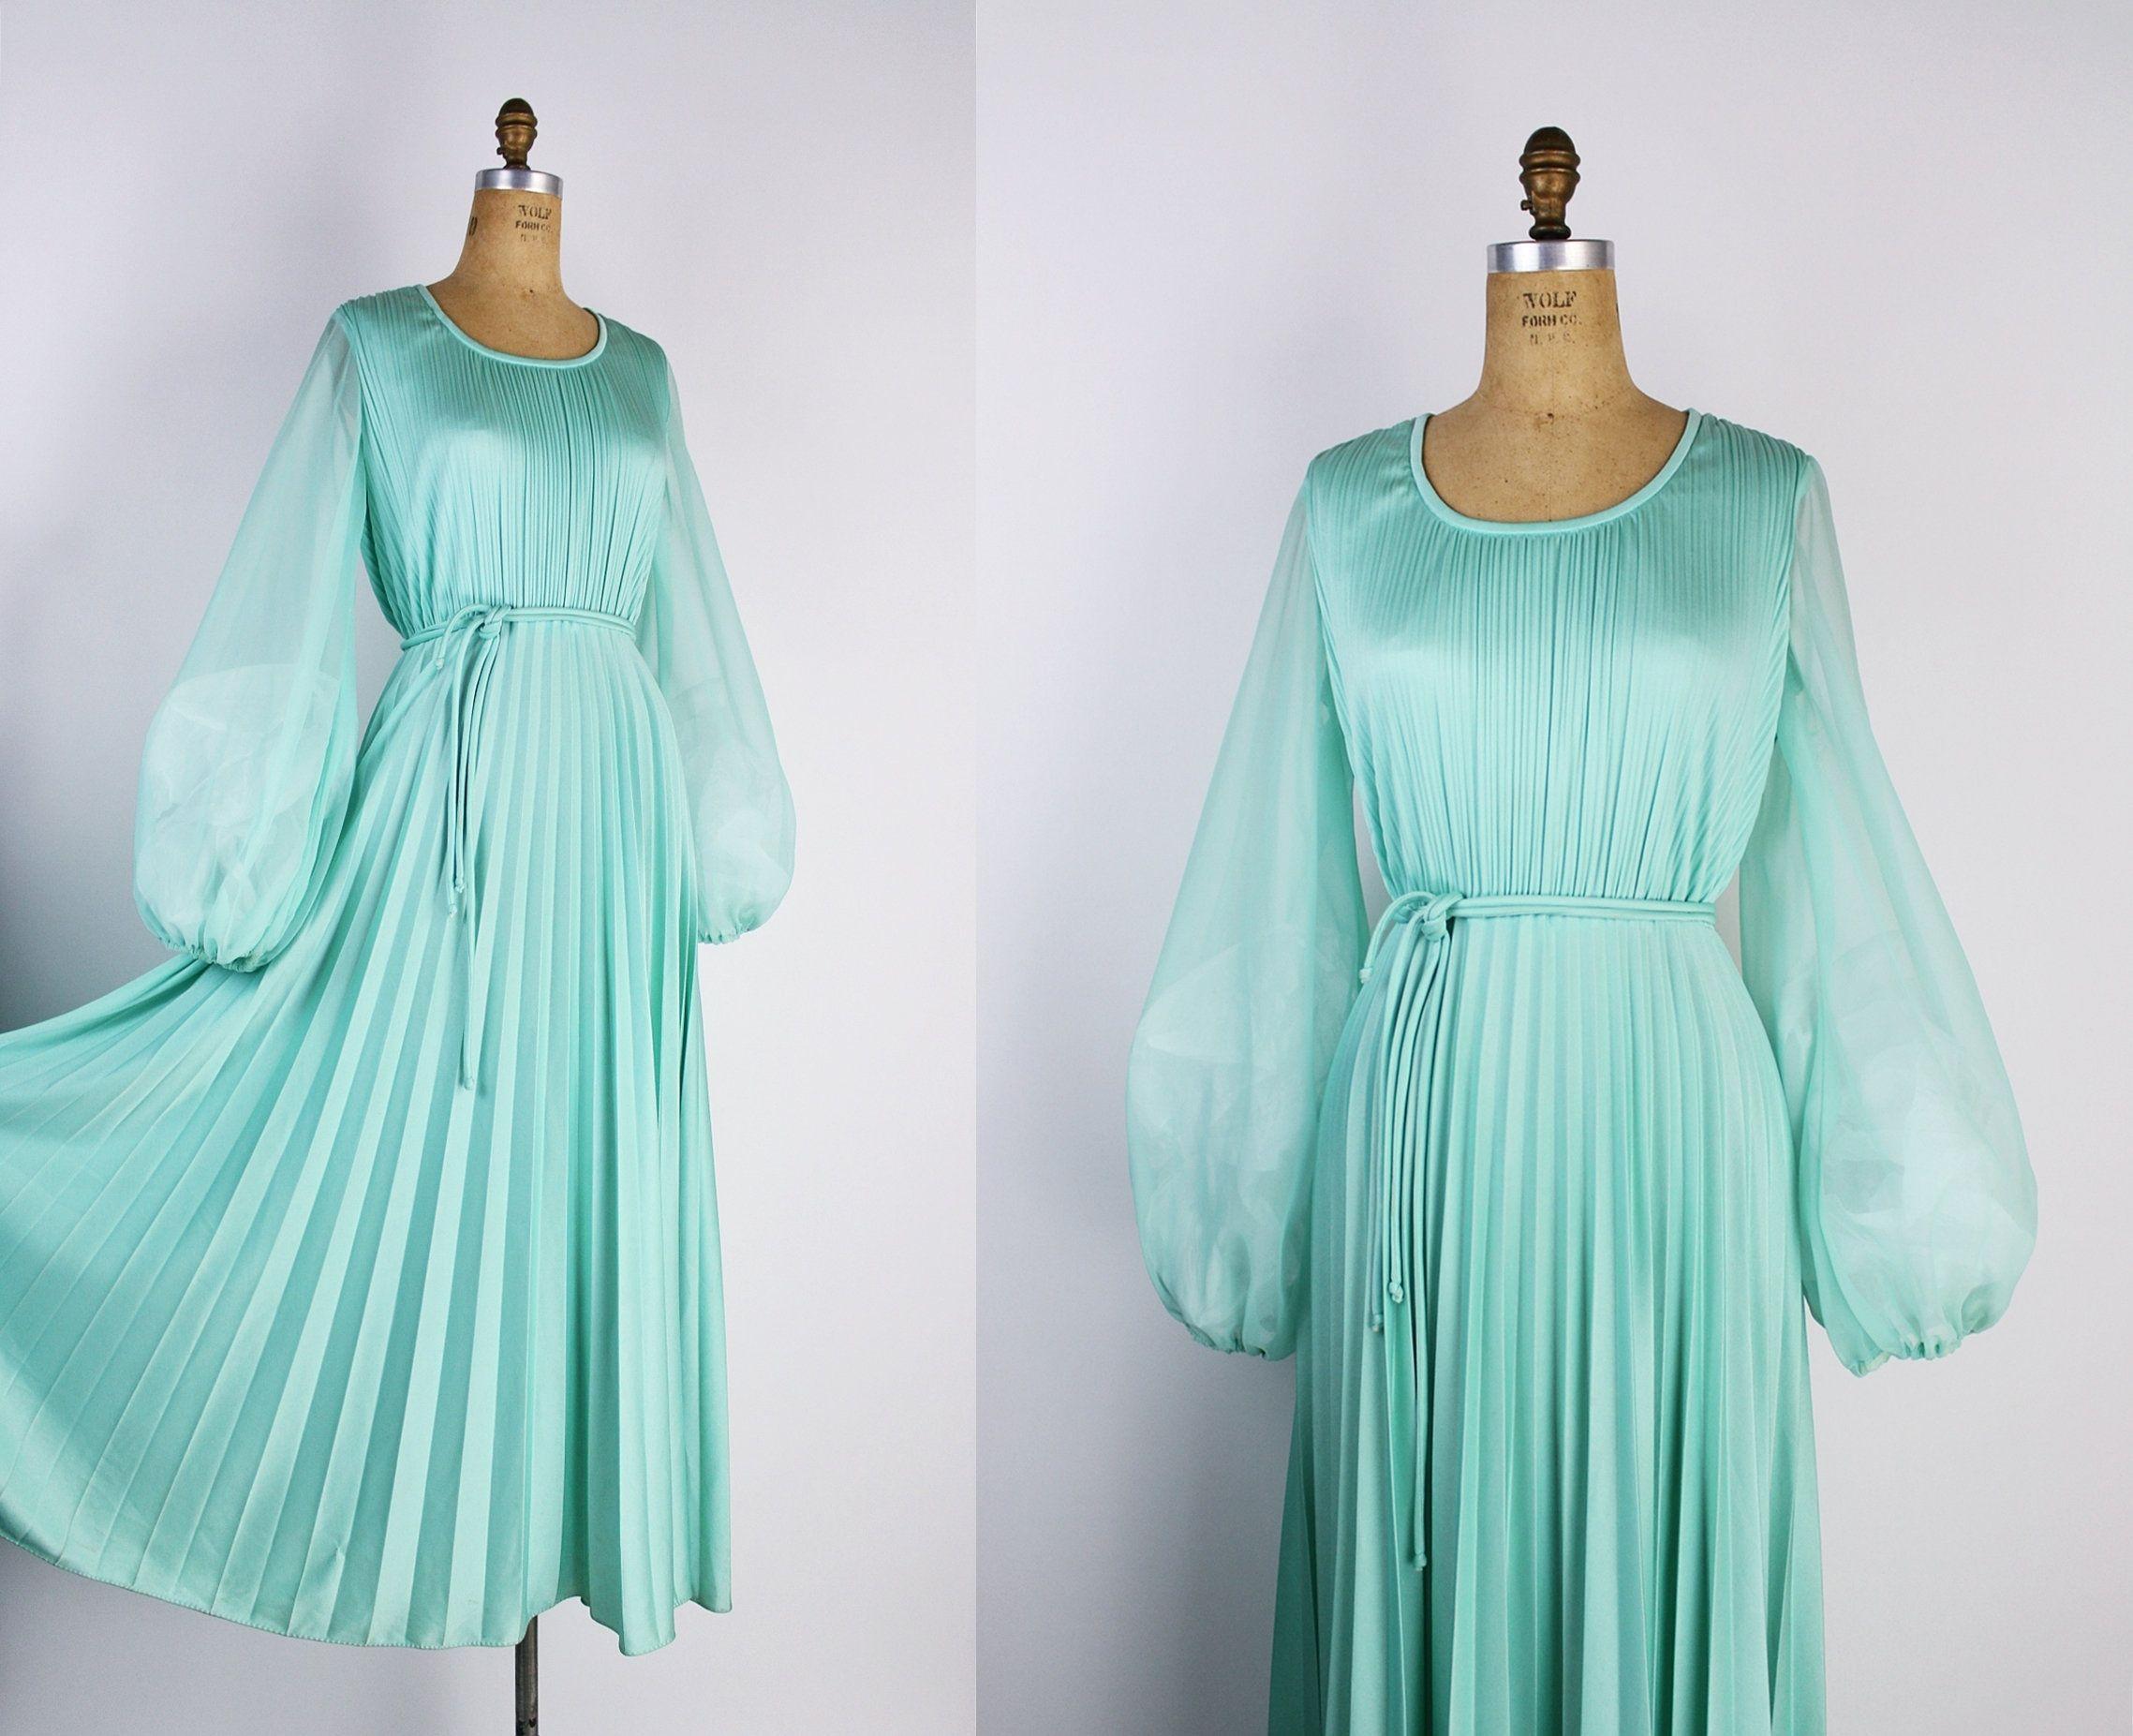 70s Mint Balloon Sleeves Maxi Dress Vintage Pleated Dress Etsy Vintage Maxi Dress Long Sleeve Cocktail Dress Maxi Dress With Sleeves [ 1853 x 2277 Pixel ]